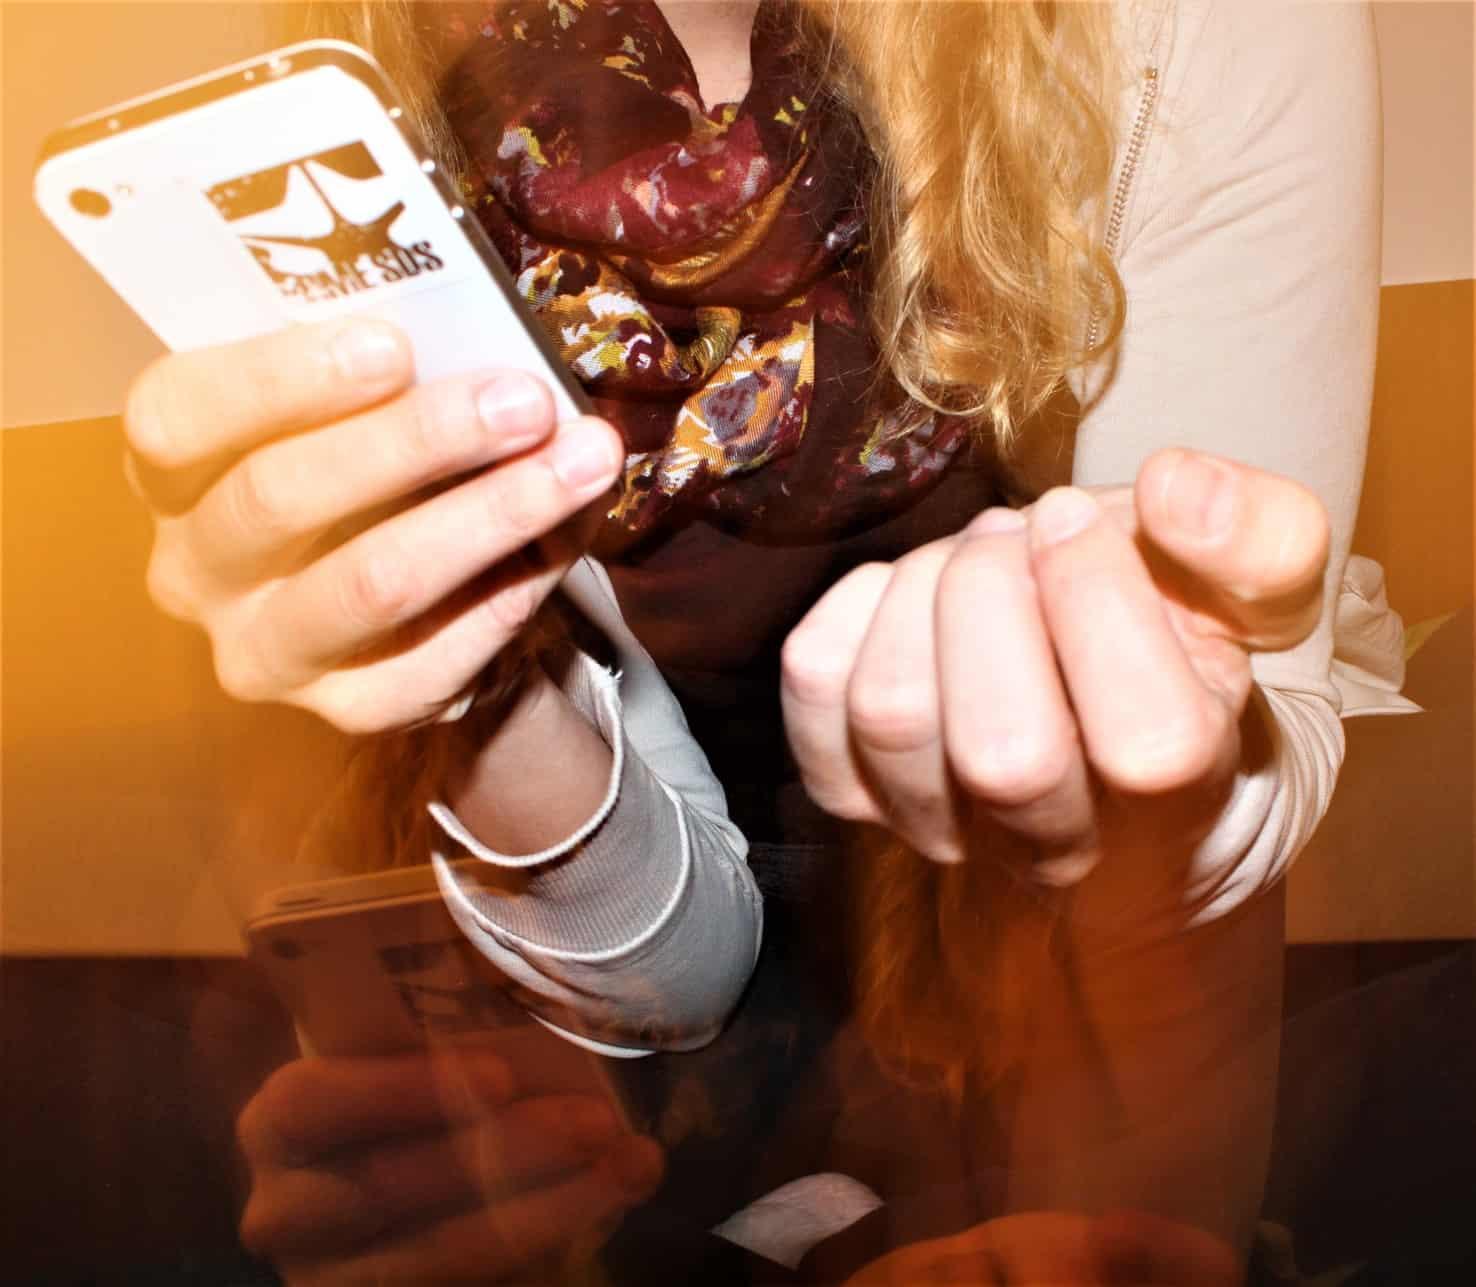 La violencia cibernética o digital y aunque se registra en el espacio virtual, tiene impactos negativos en la vida real y Julia, como le llamaremos, lo sabe muy bien.